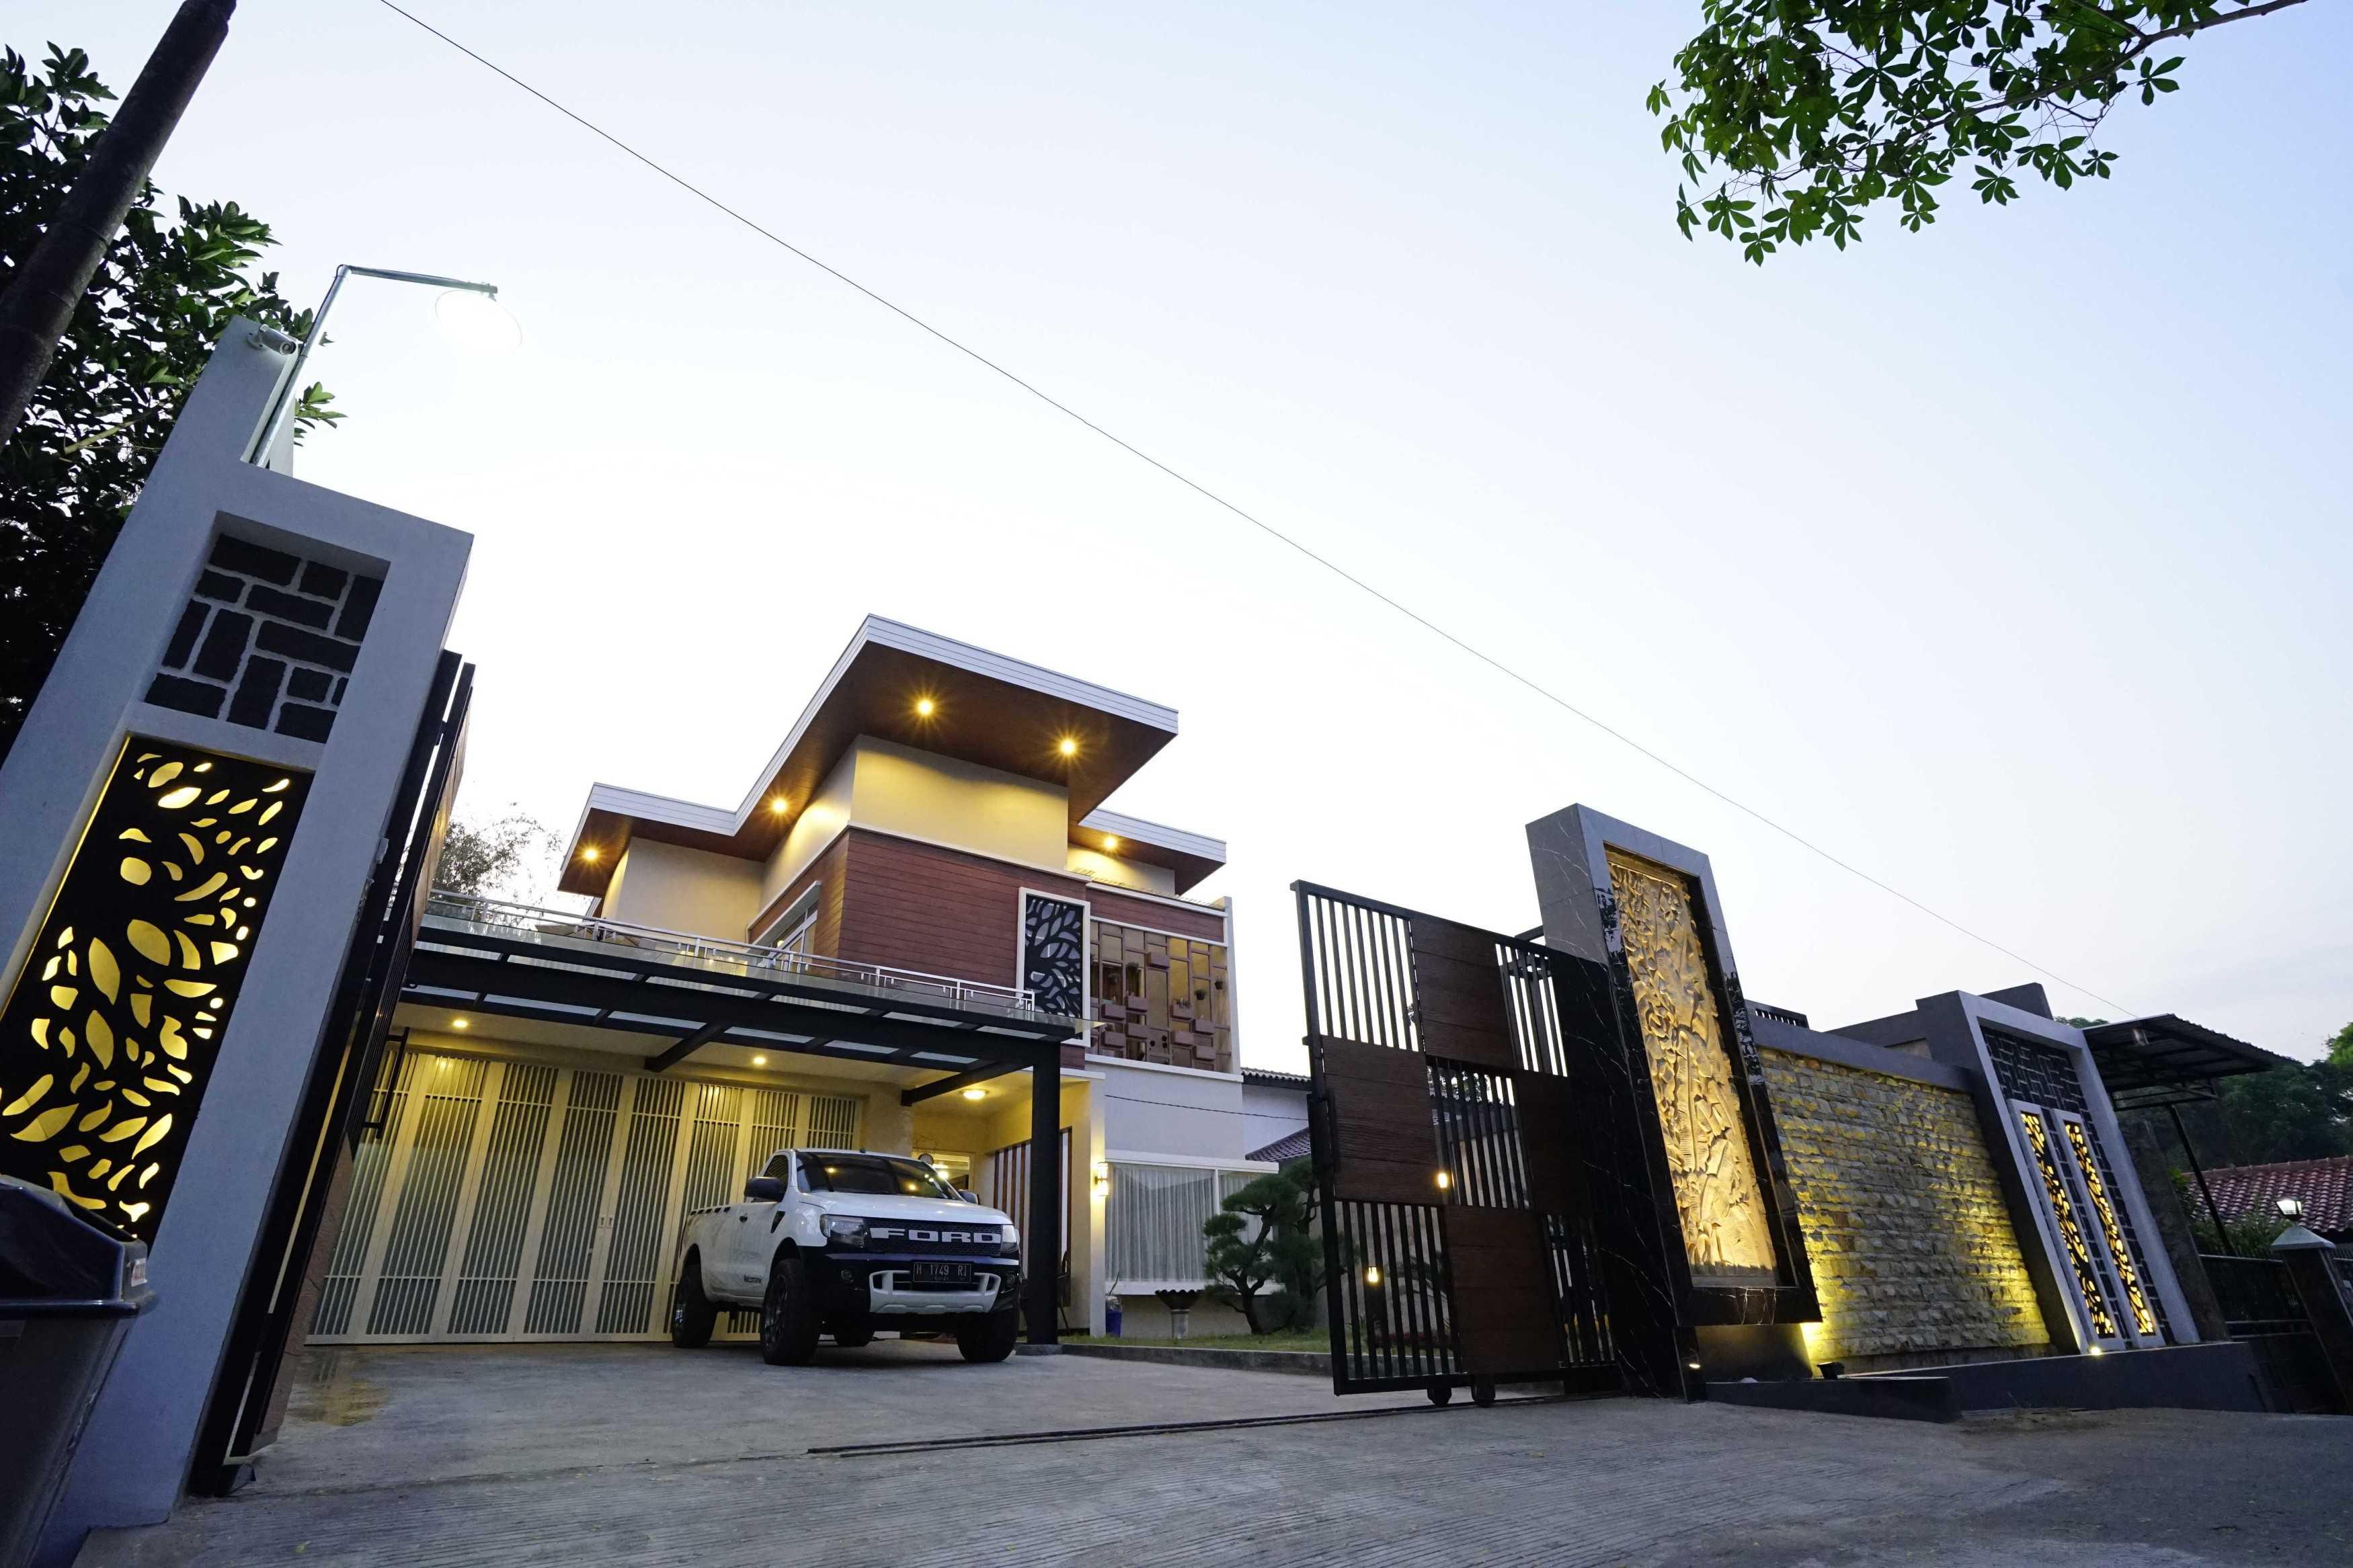 Ars Studio Cm House Salatiga, Kota Salatiga, Jawa Tengah, Indonesia Salatiga, Kota Salatiga, Jawa Tengah, Indonesia Ars-Studio-Cm-House   65606